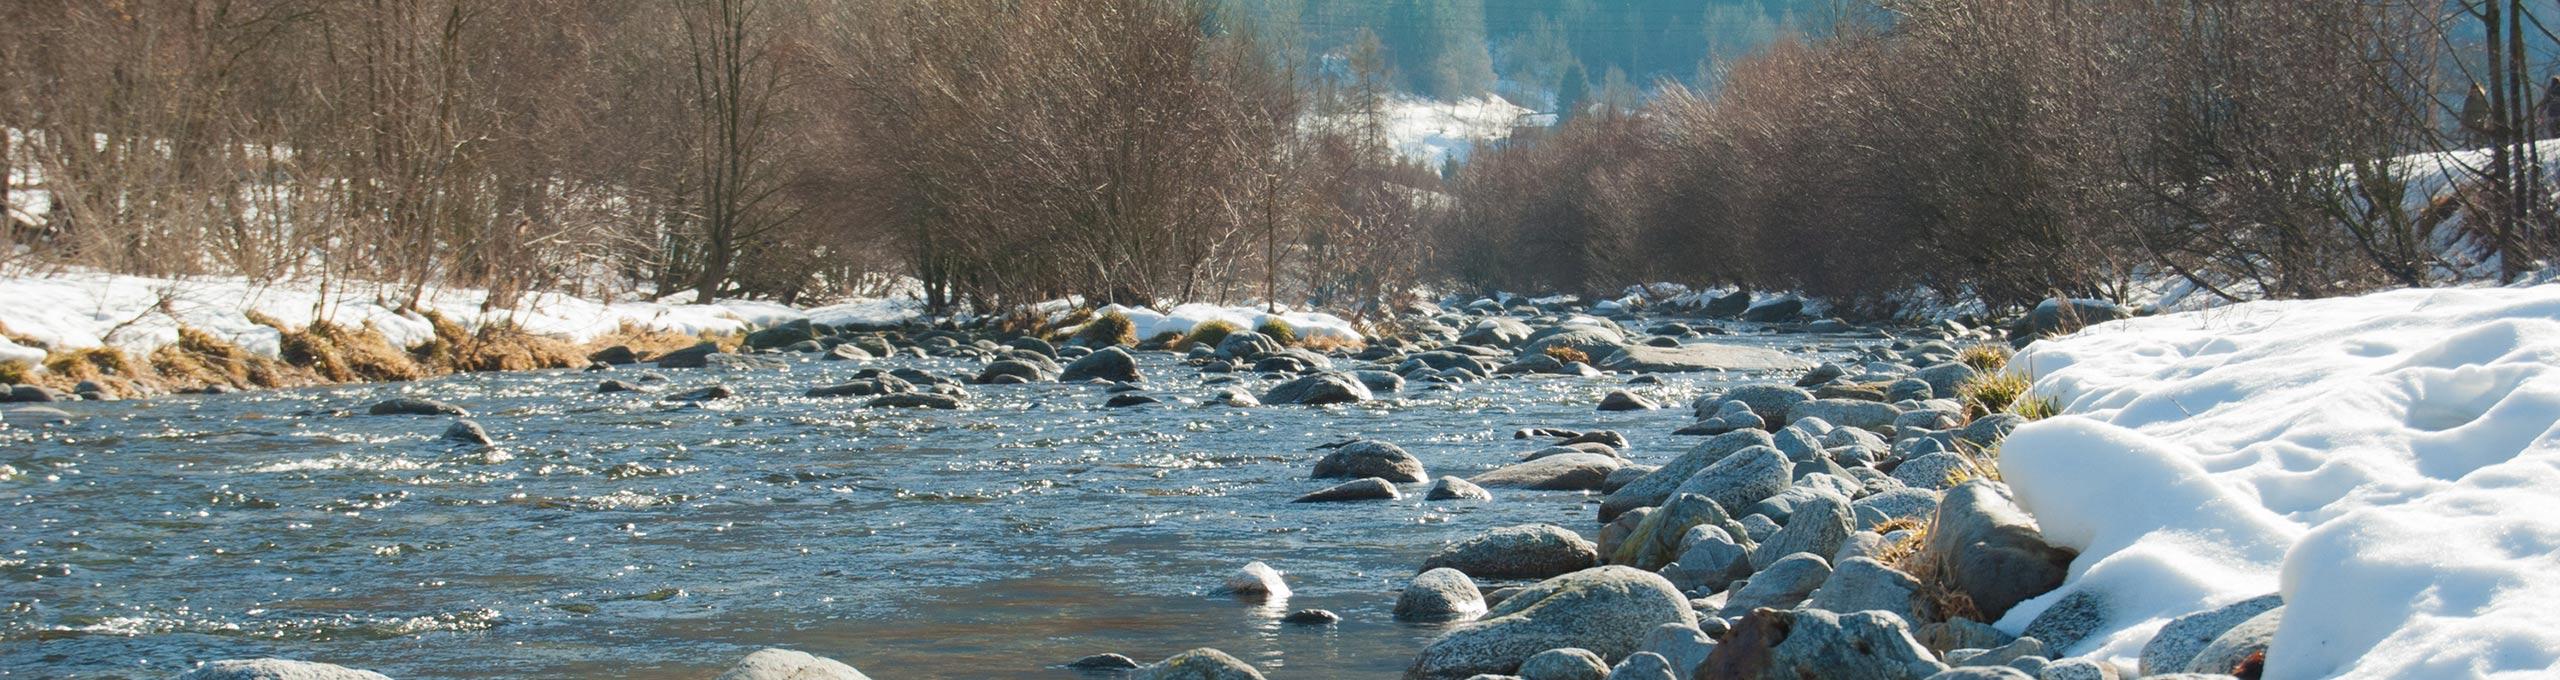 Val Rendena, il fiume Sarca